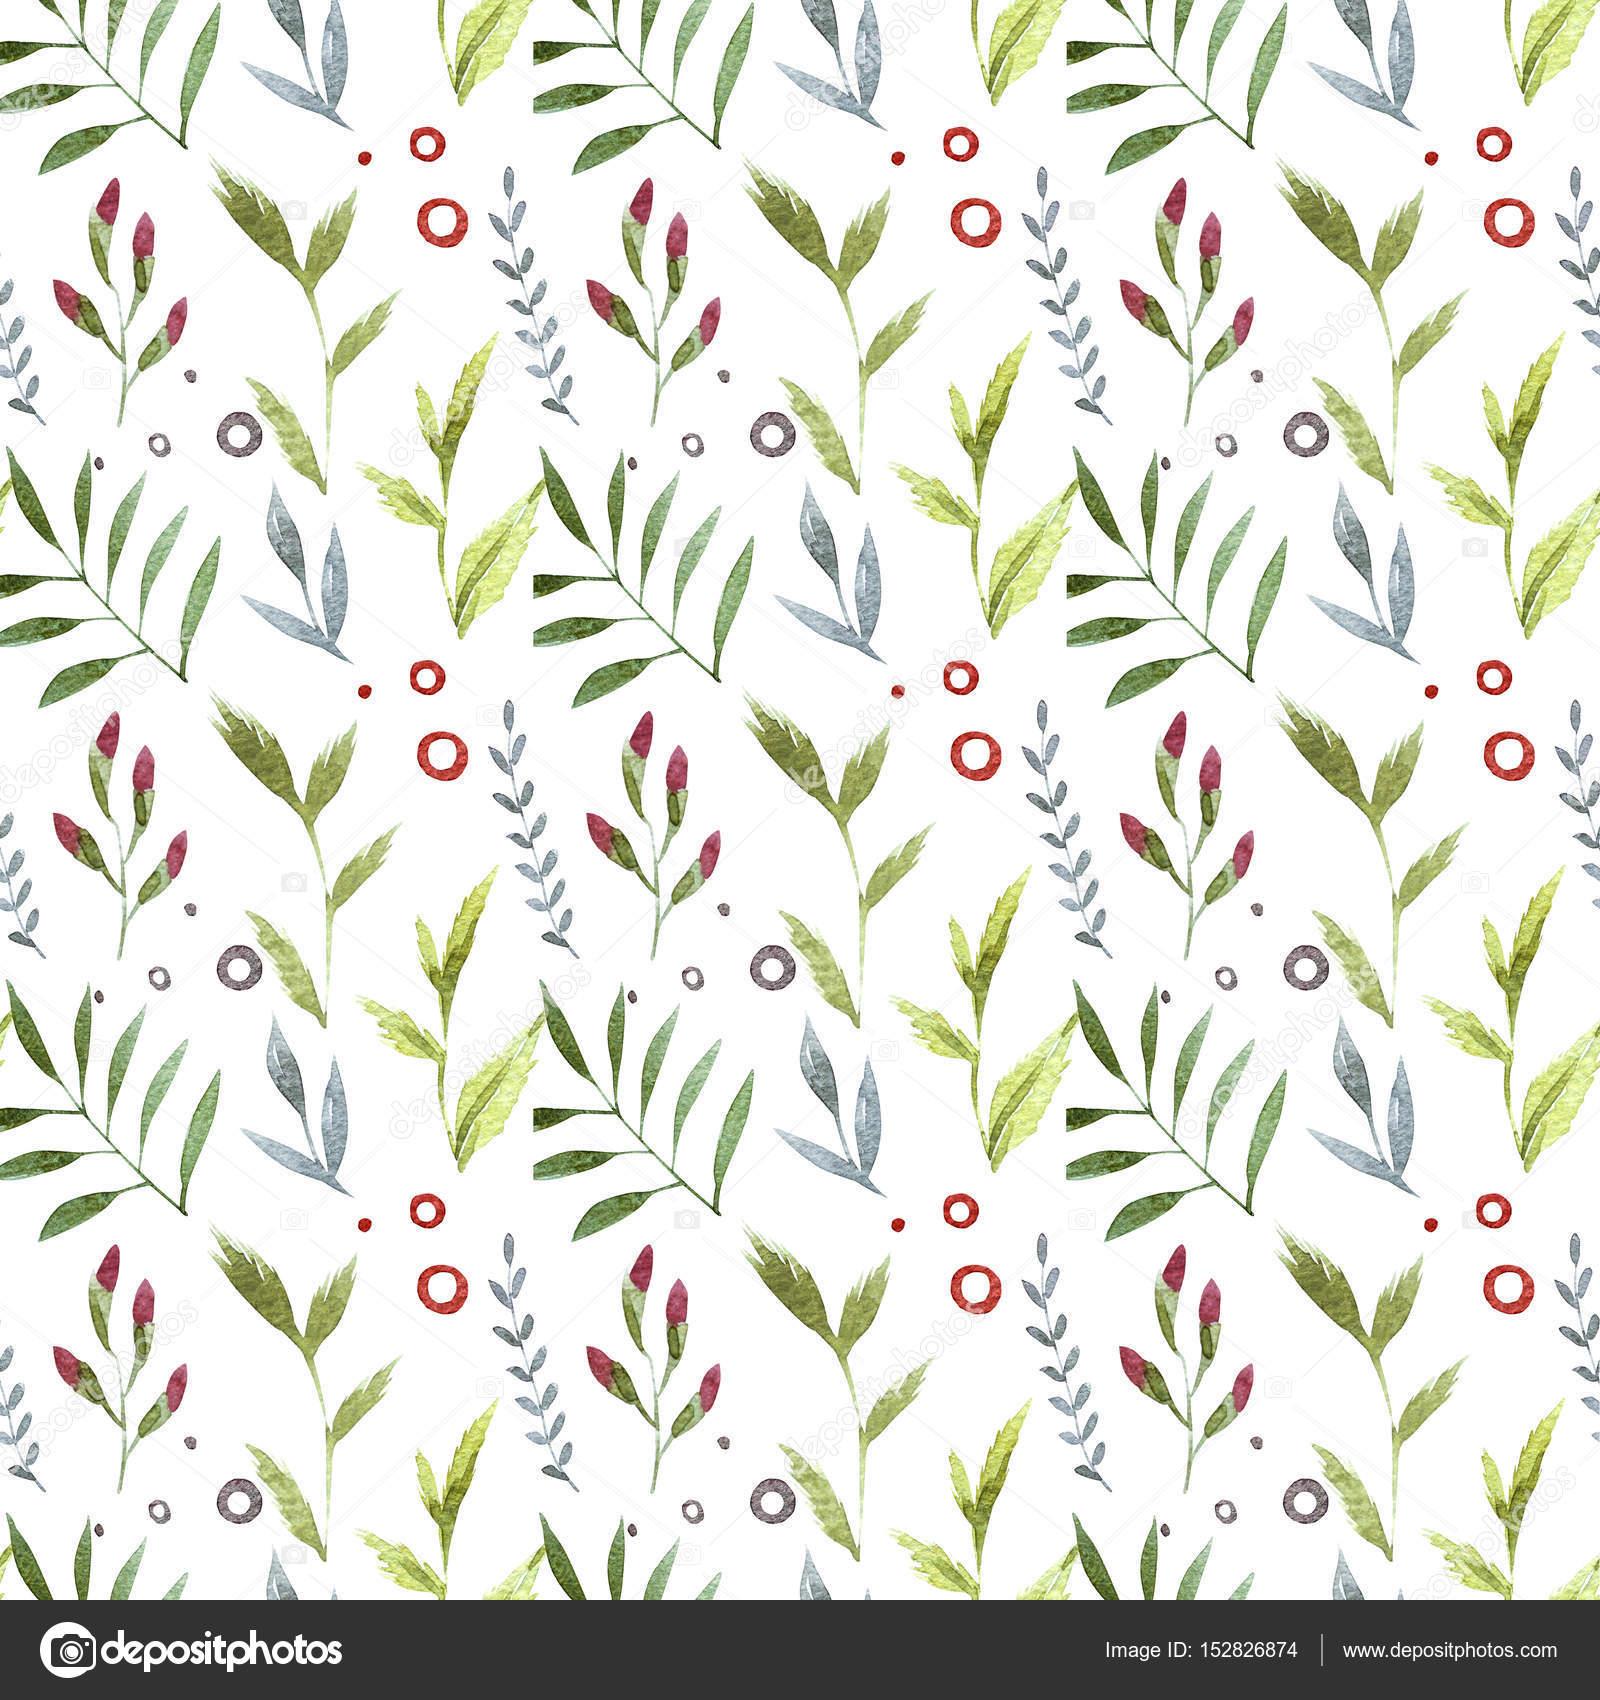 Sulu Boya şirin Süslü çiçekler Seamless Modeli Dekoratif Tarzı